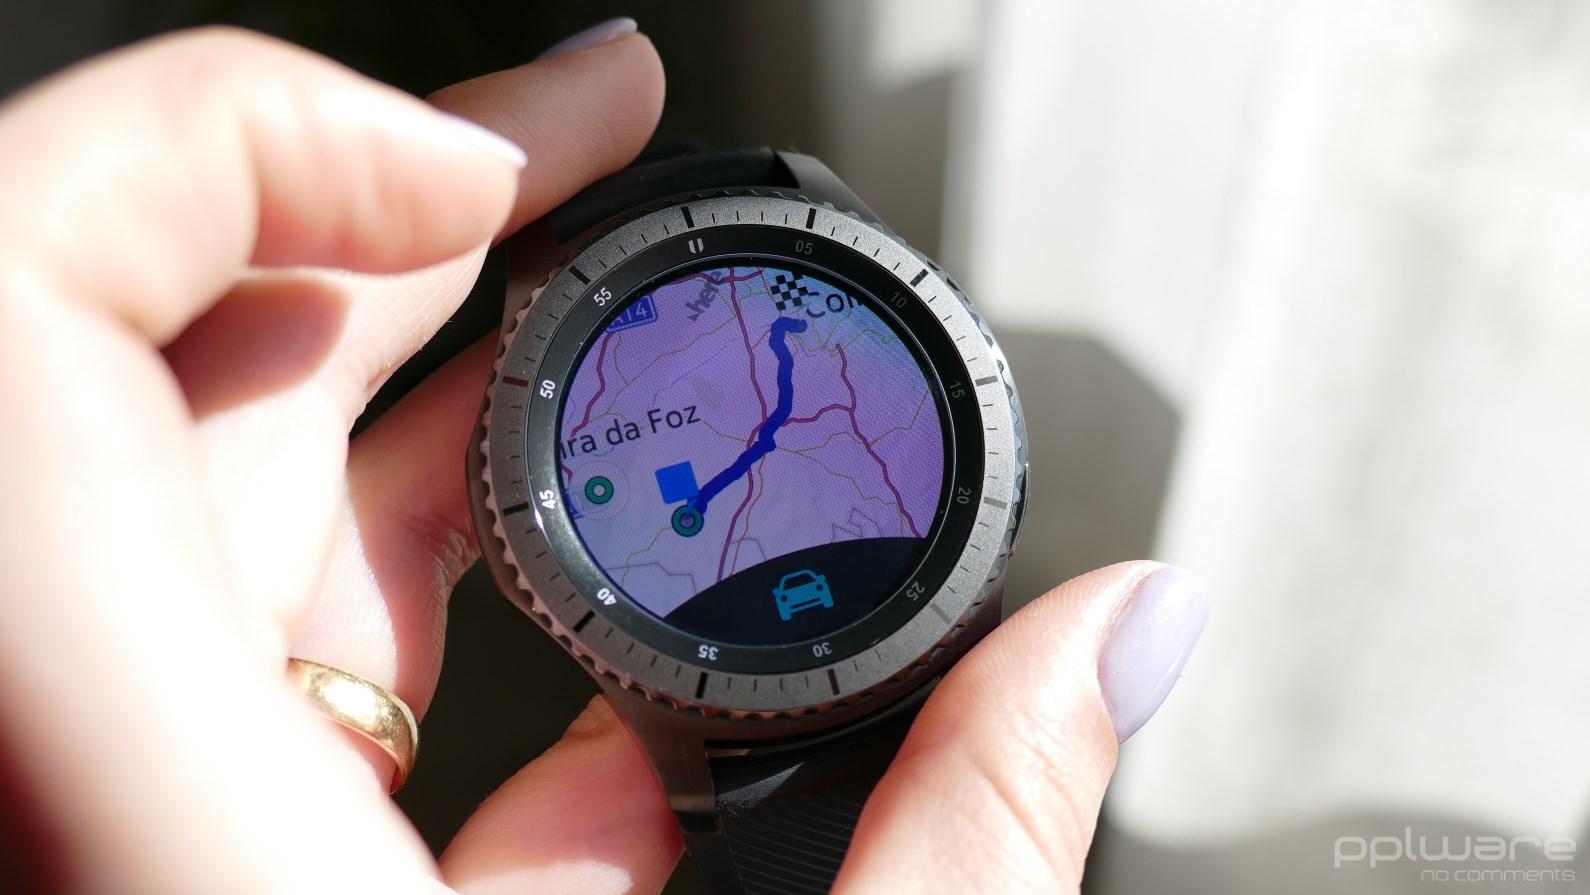 283768f3e17 ... é uma vantagem acrescida deste Samsung Gear S3 Frontier. Esta  funcionalidade permite ainda acionar os comandos de SOS